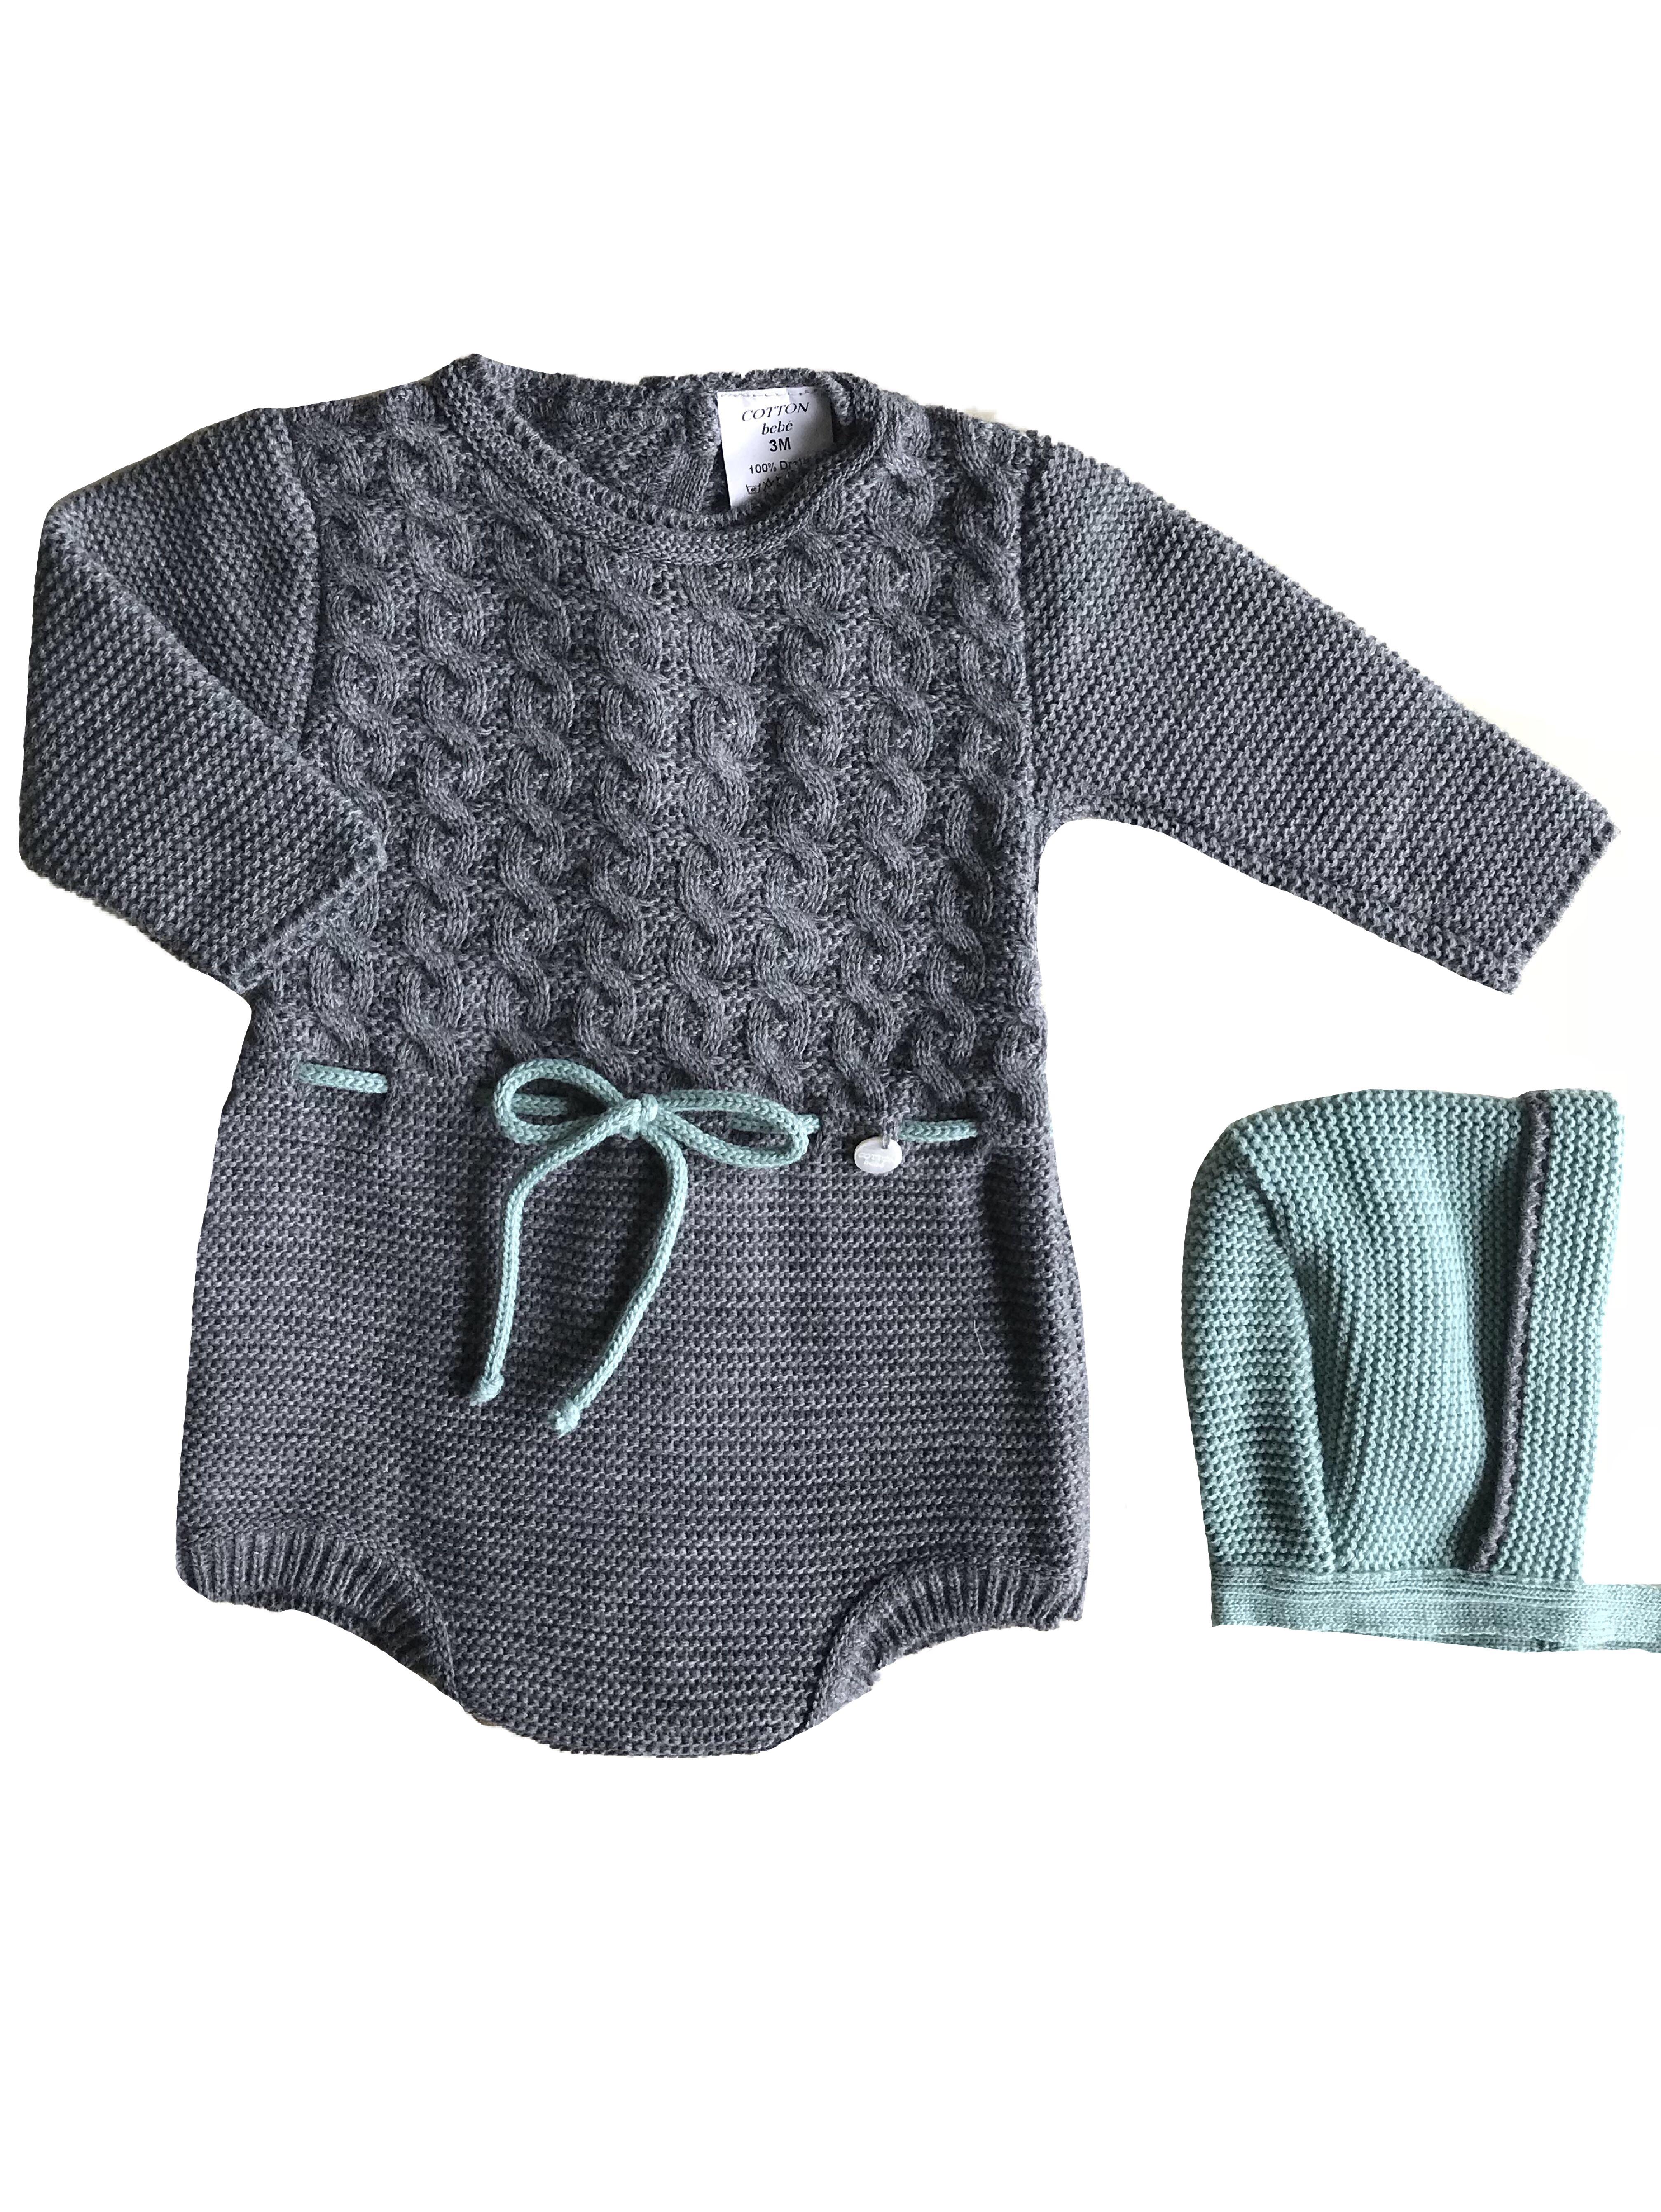 Body manga larga de coletas y cord n a cintura lleva capota color gris 0 3 6 9 meses cotton - Heces color verde bebe 2 meses ...